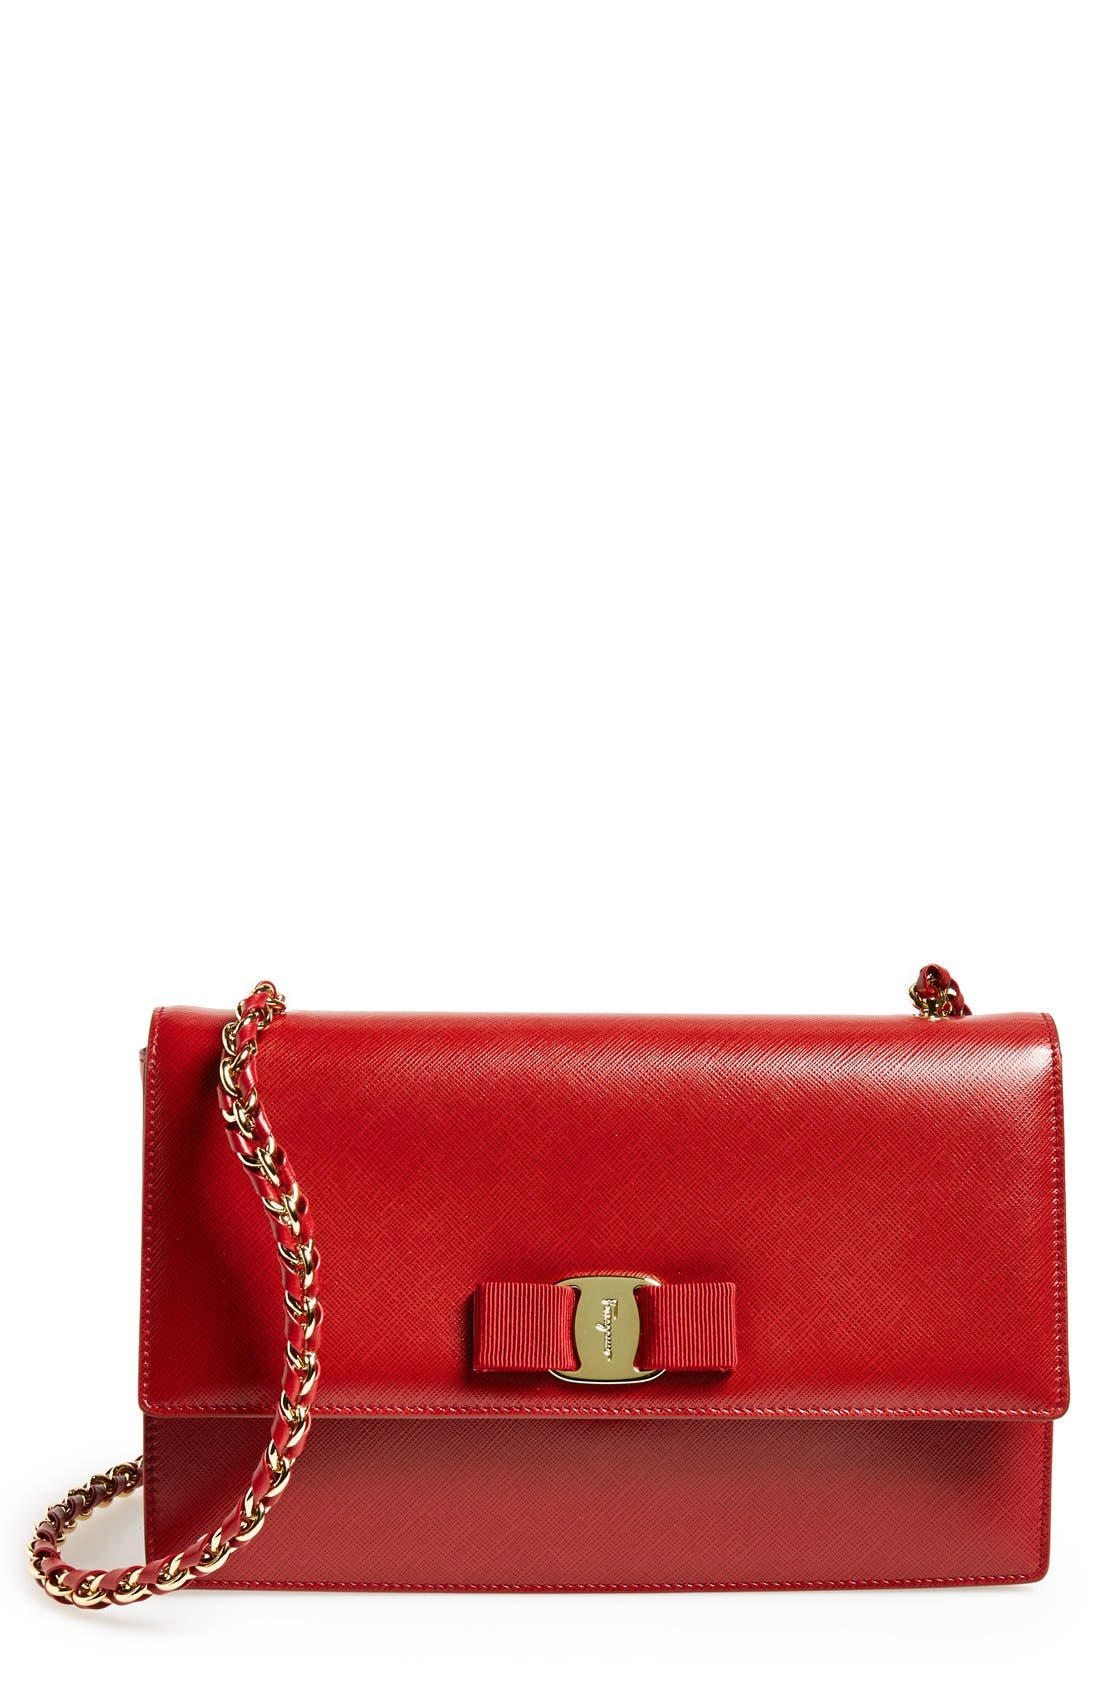 Saffiano Leather Shoulder Bag,                             Main thumbnail 4, color,